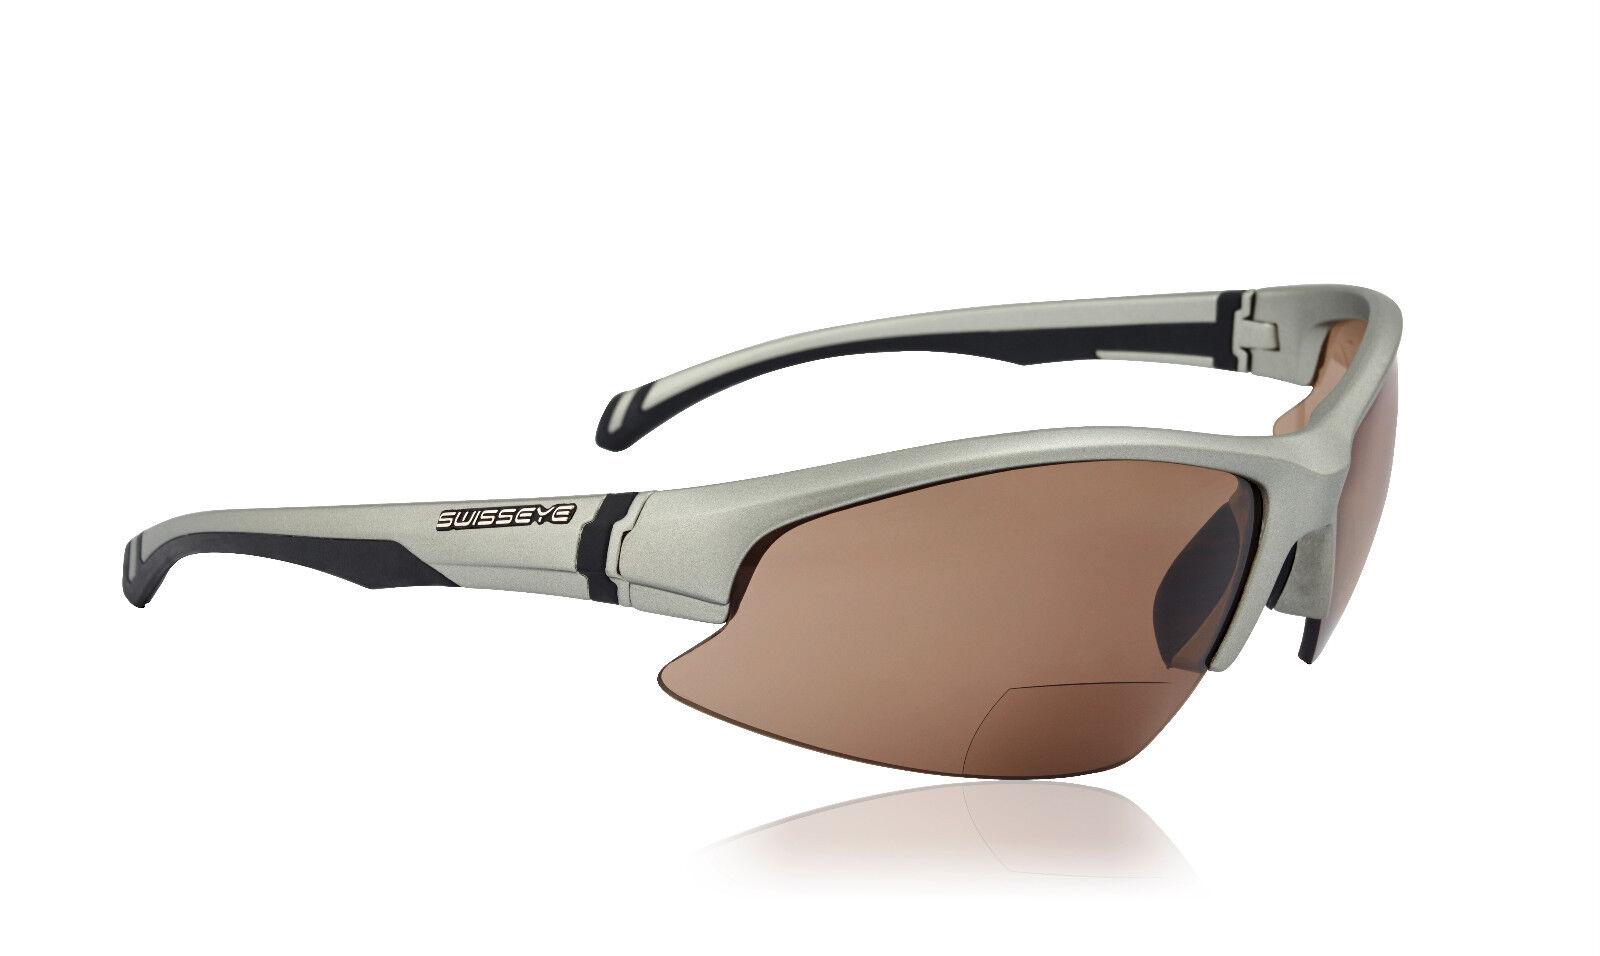 Swiss Eye Occhiali Sportivi Flash Bifo 1,5 1,5 1,5 DPT 30401 Unisex Occhiali Da Sole Argento Nuovo 753230